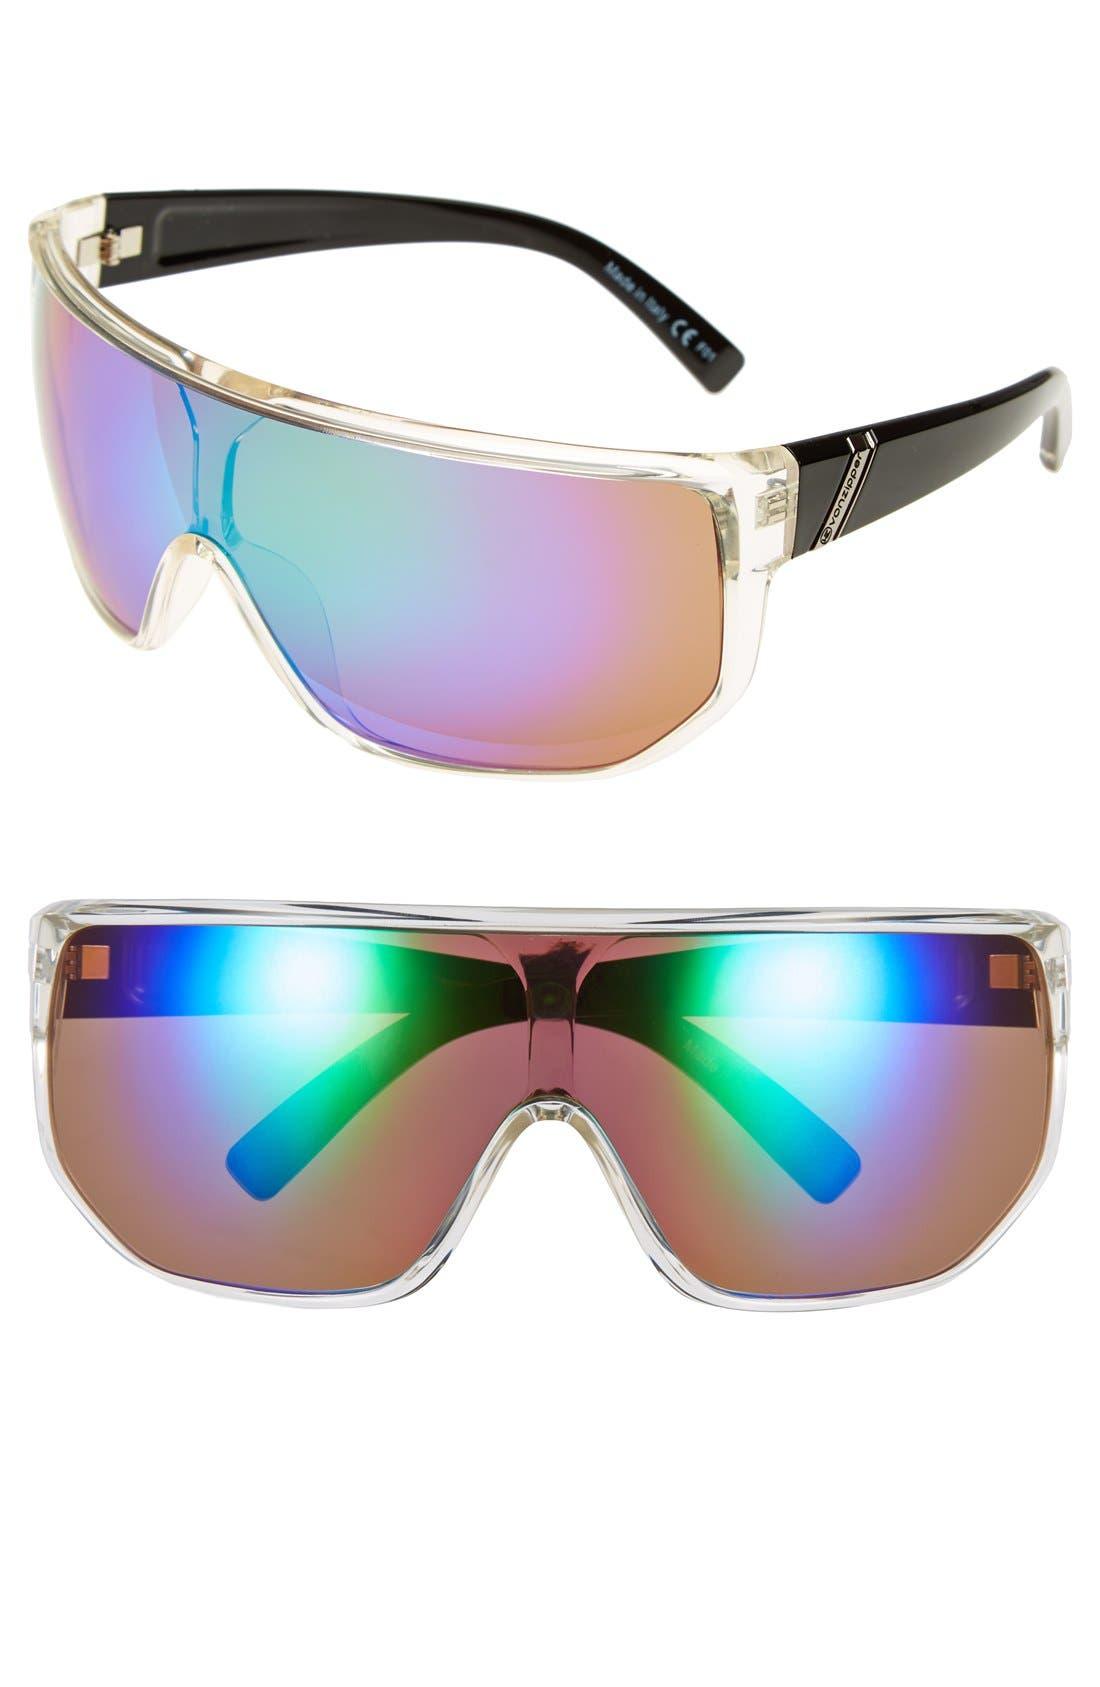 VonZipper 'Bionacle' Polarized Shield Sunglasses